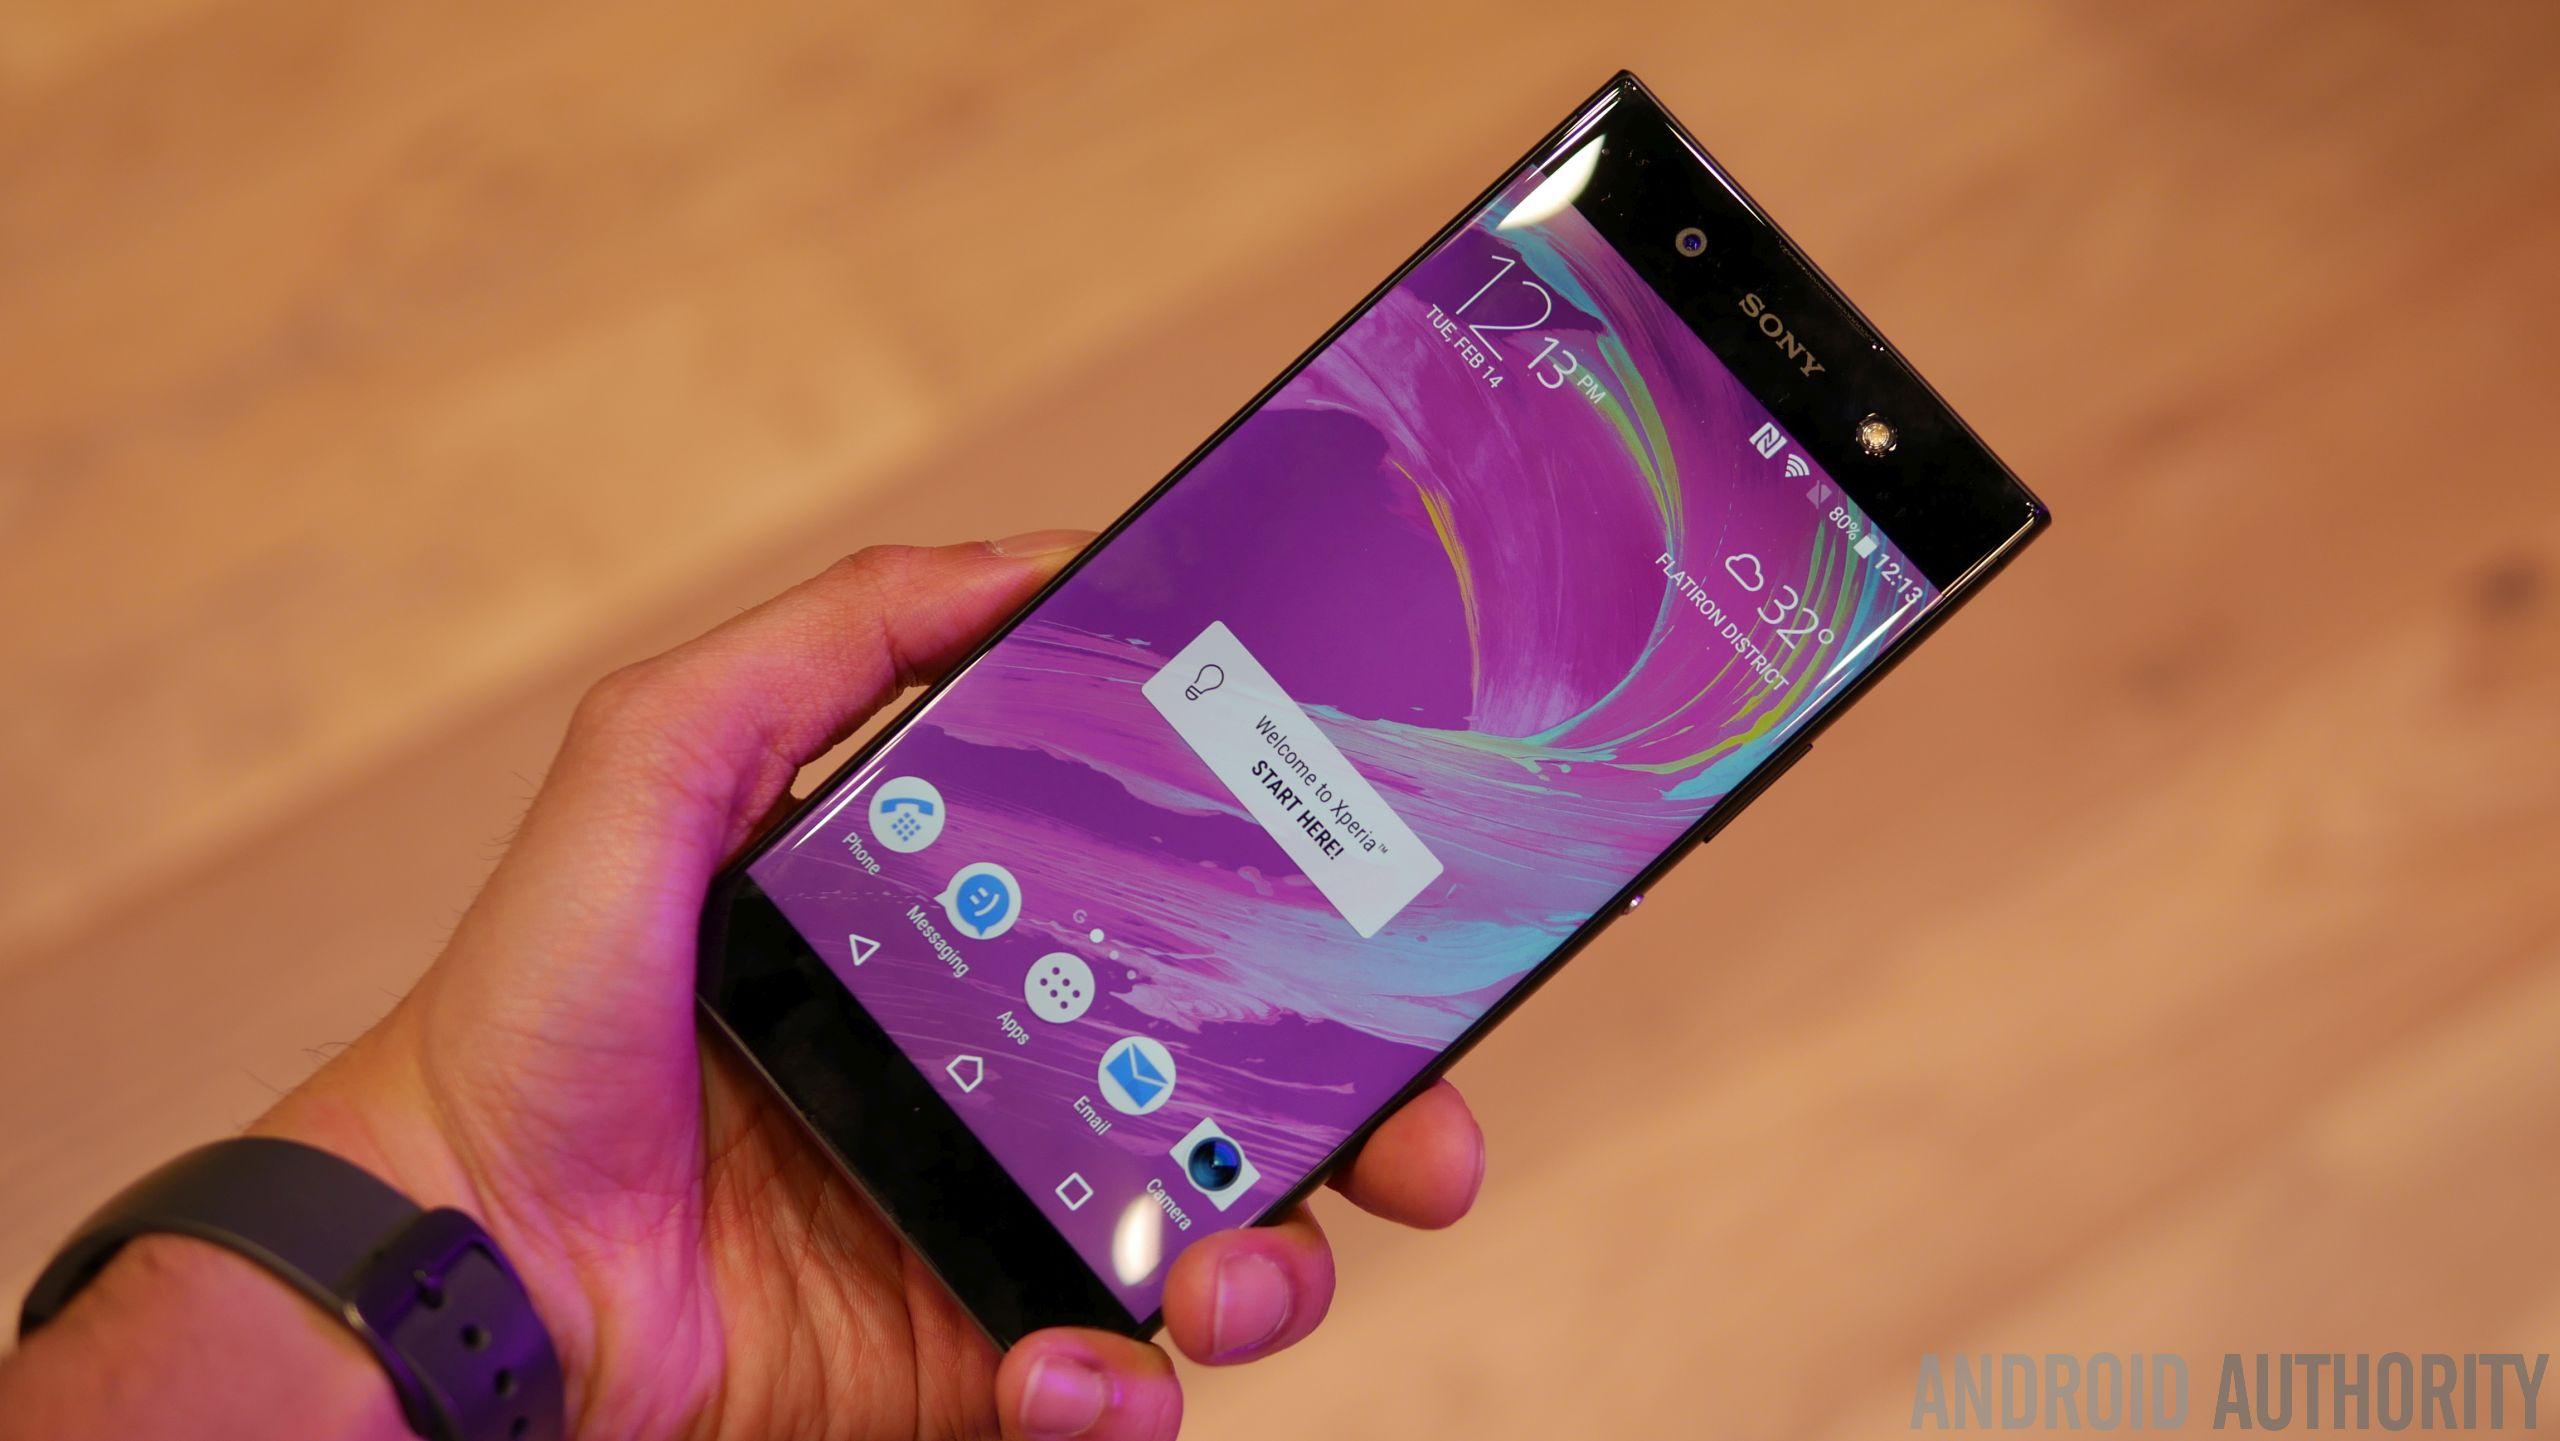 Sony xperia xa1 and xa1 ultra hands on android authority - Sony Xperia Xa1 And Xa1 Ultra Hands On Android Authority 16